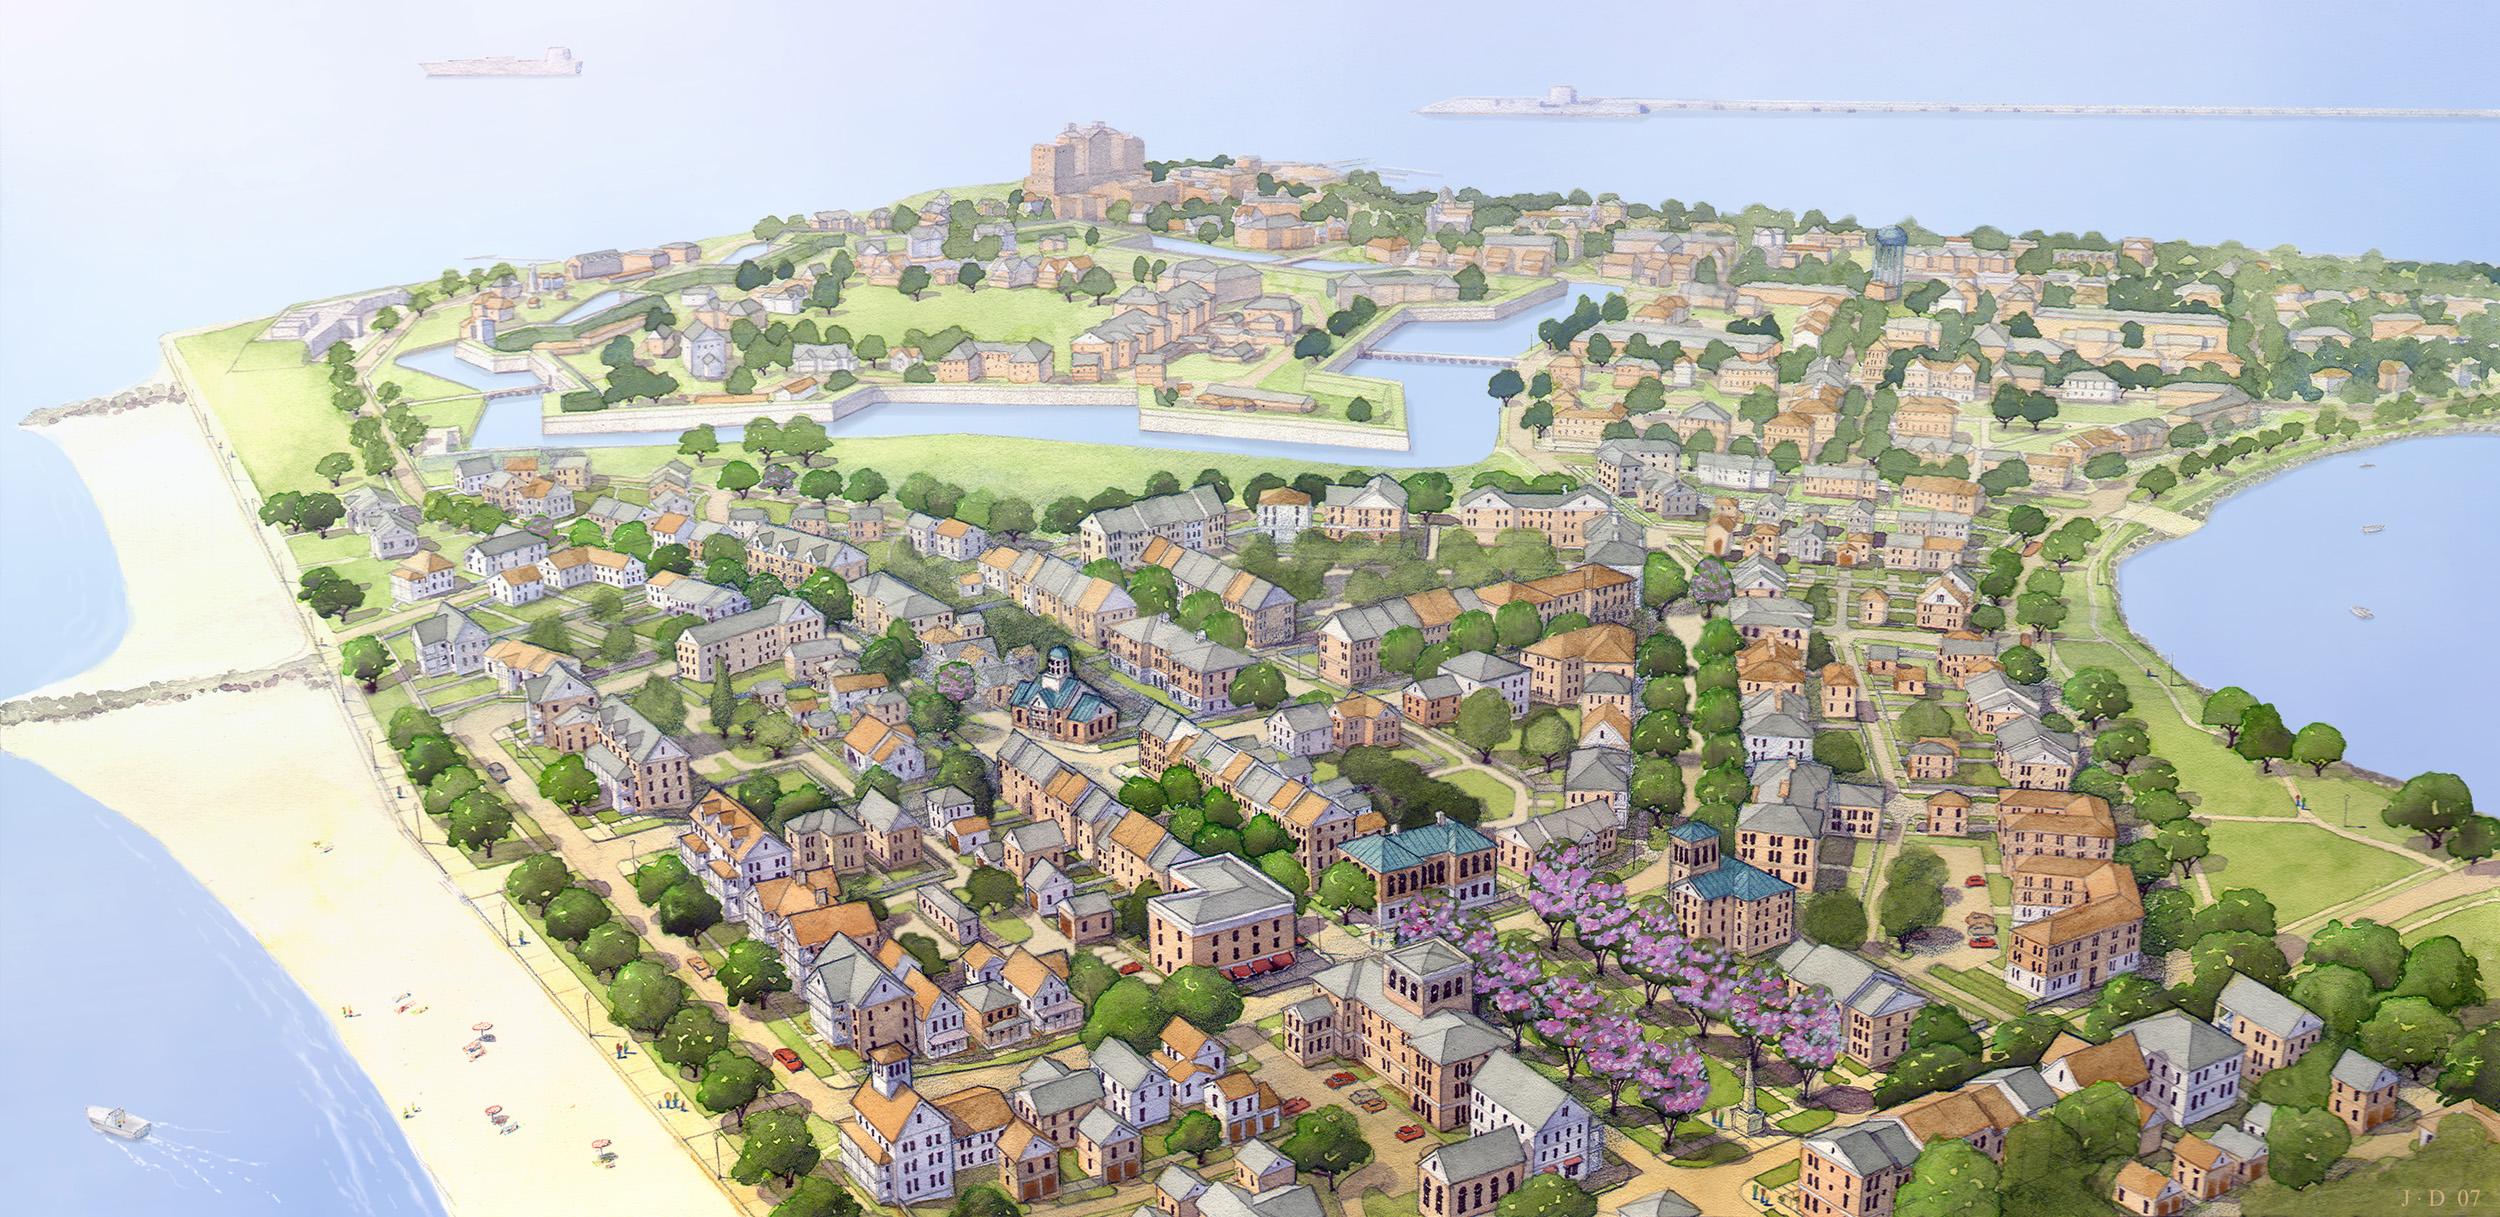 FM_Aerial_neighborhood option.jpg